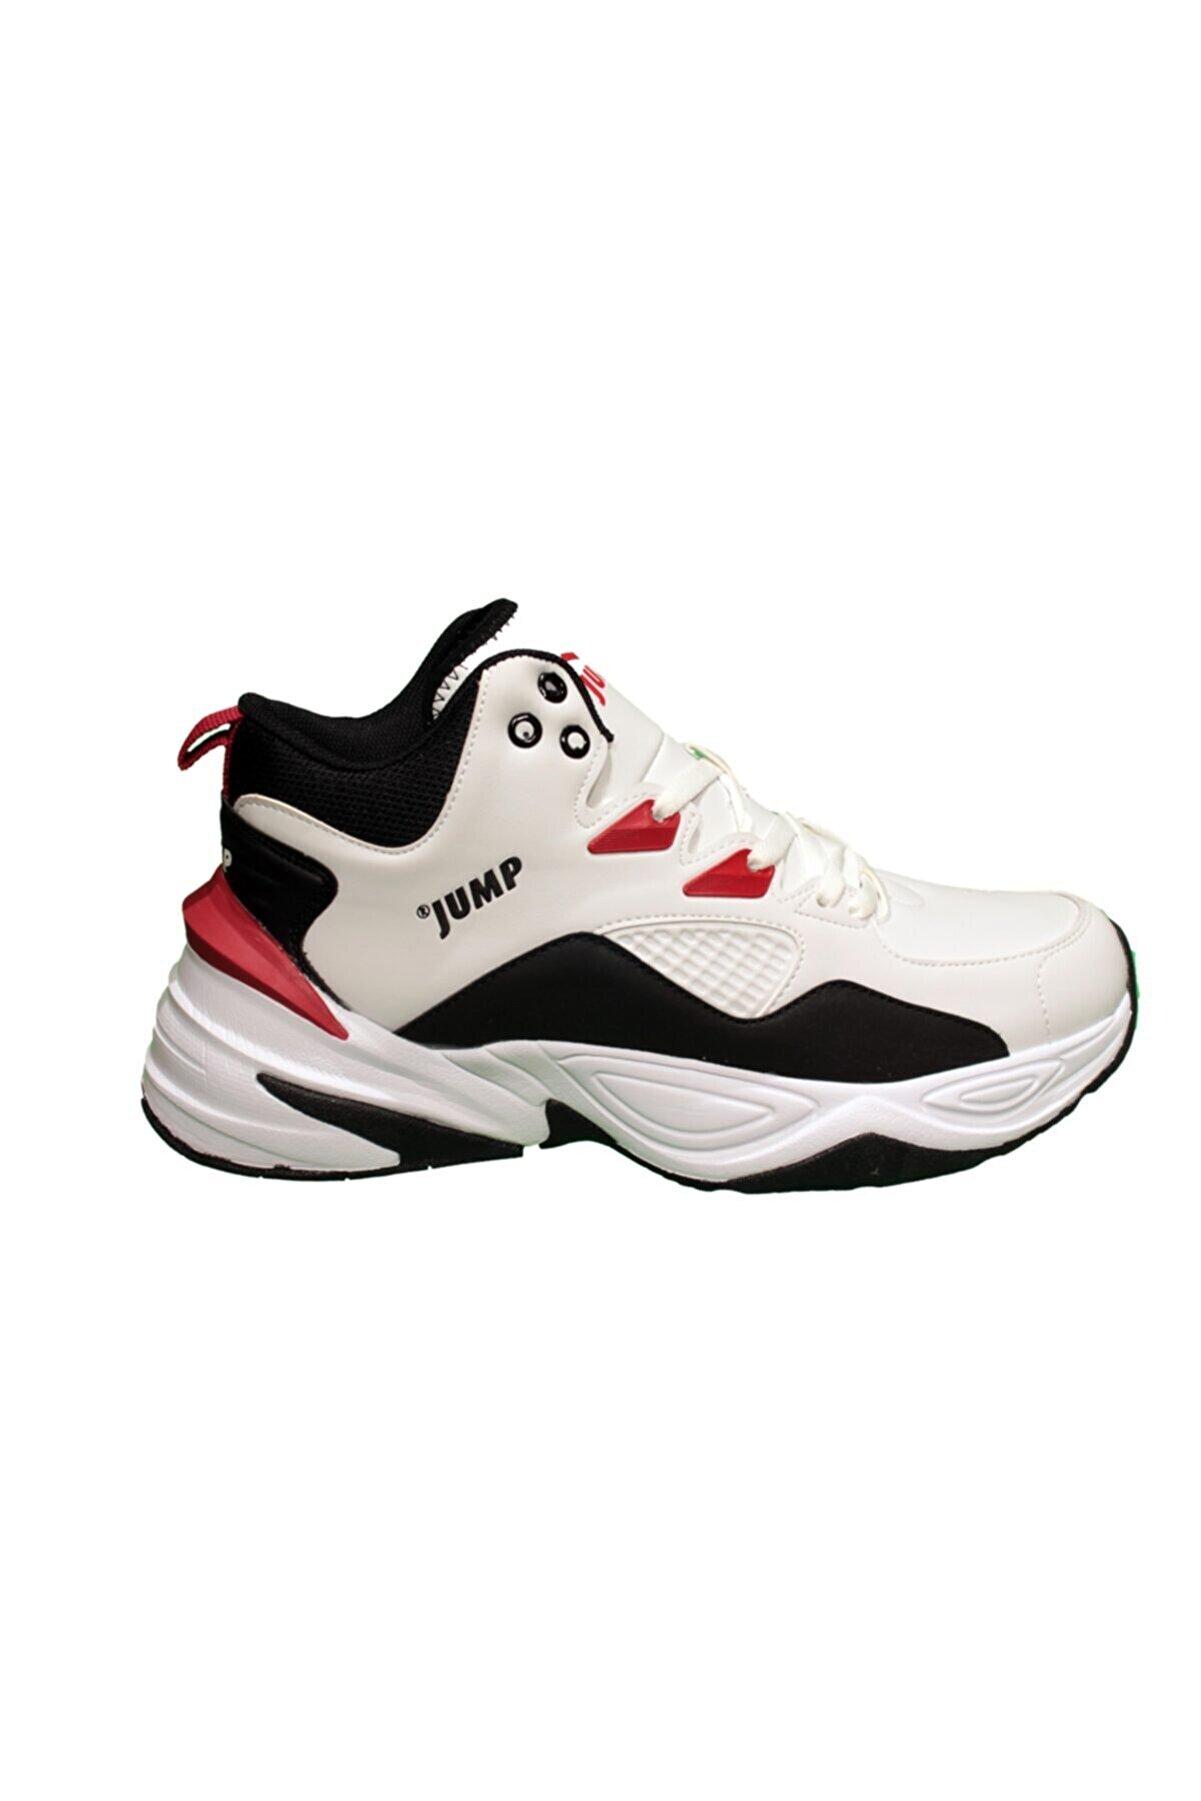 Jump Erkek Basketbol Bilekli Spor Ayakkabısı 24052